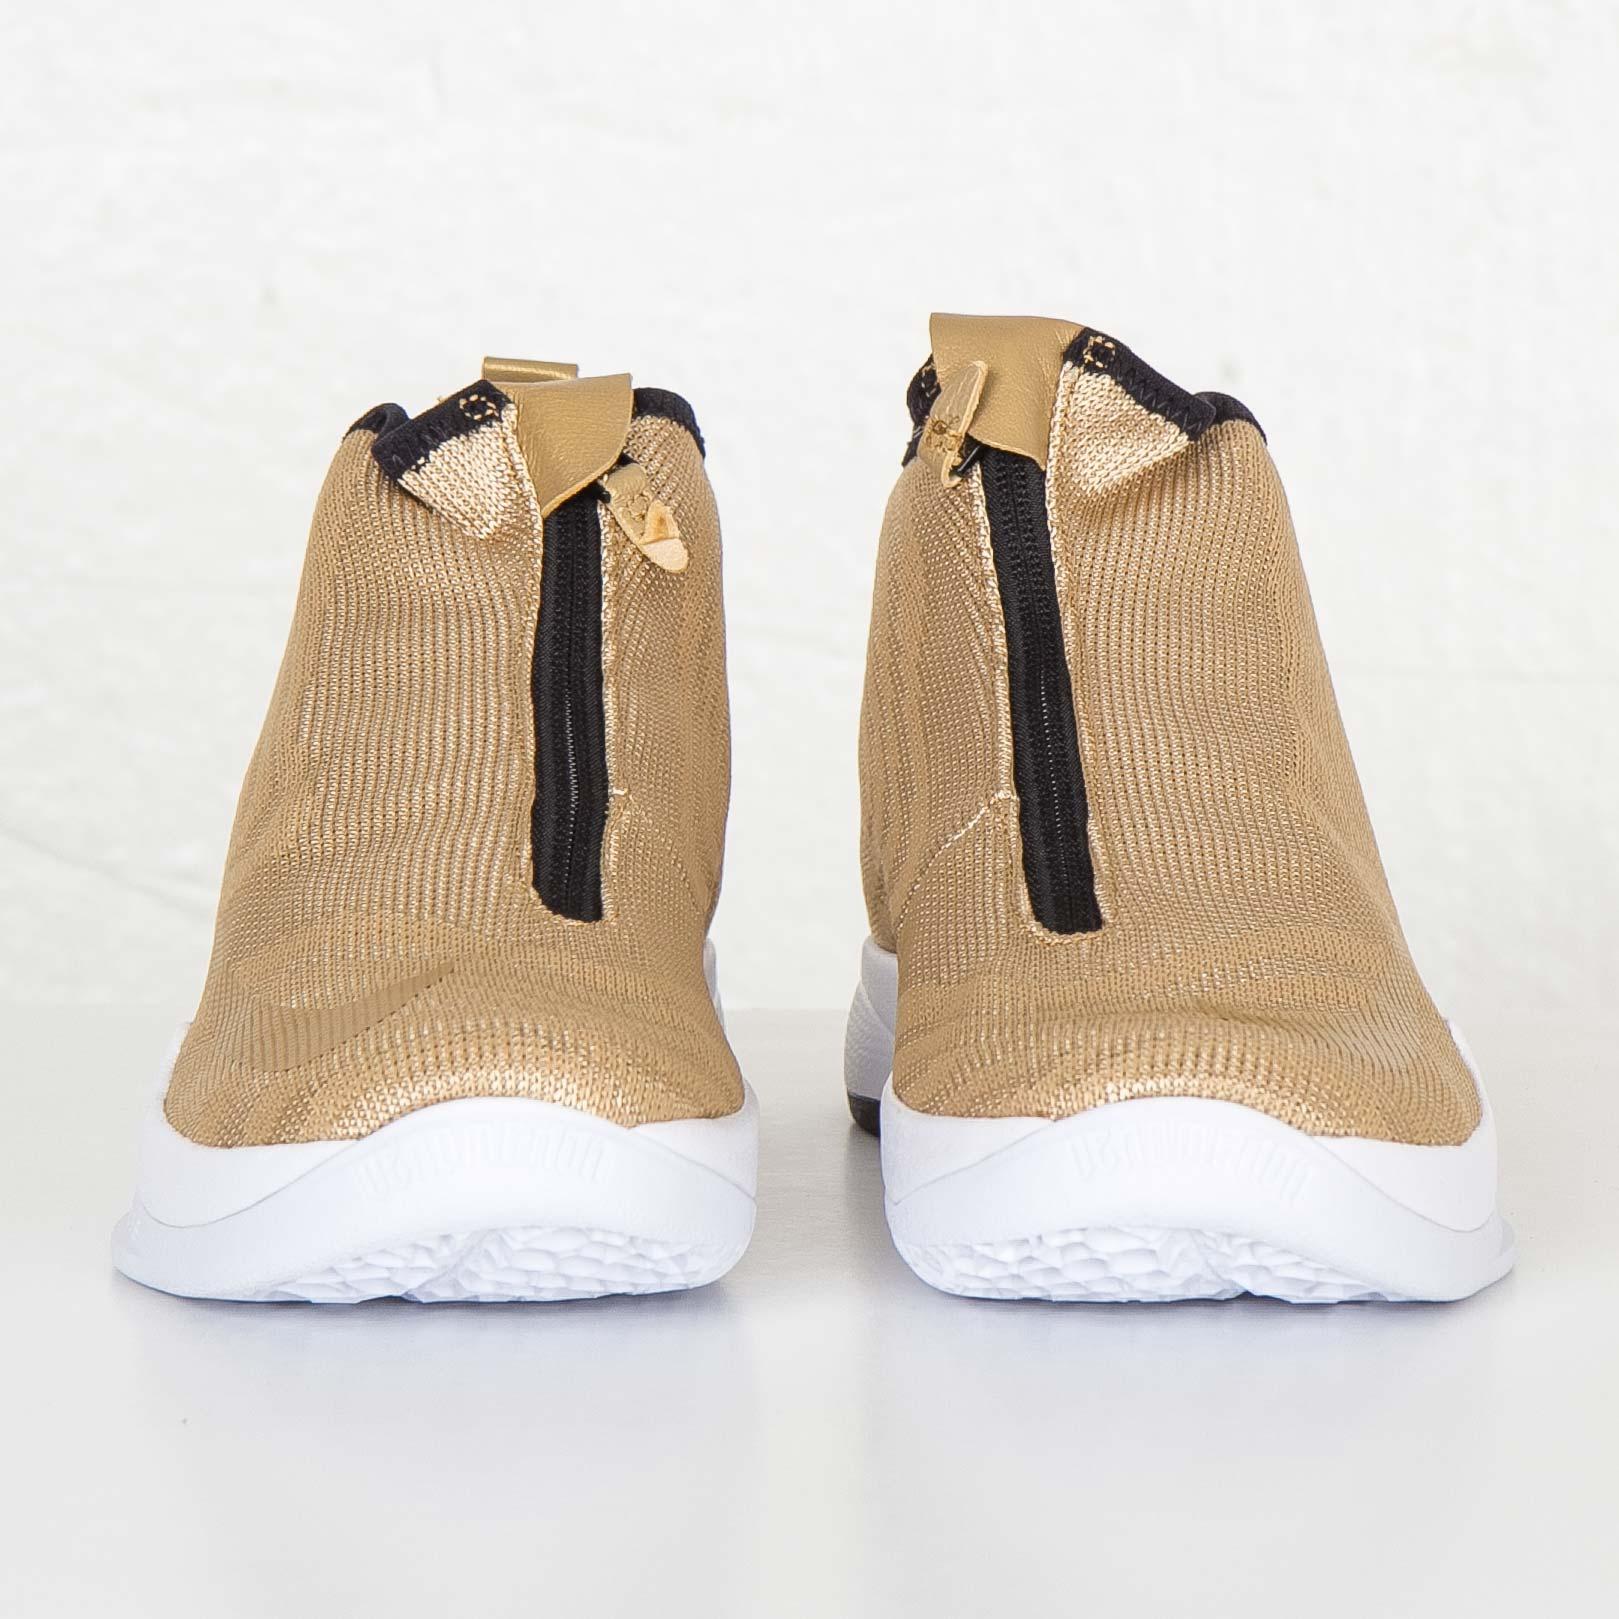 hot sale online 6d5df 8e716 Nike Zoom Kobe Icon JCRD - 819858-700 - Sneakersnstuff   sneakers    streetwear online since 1999